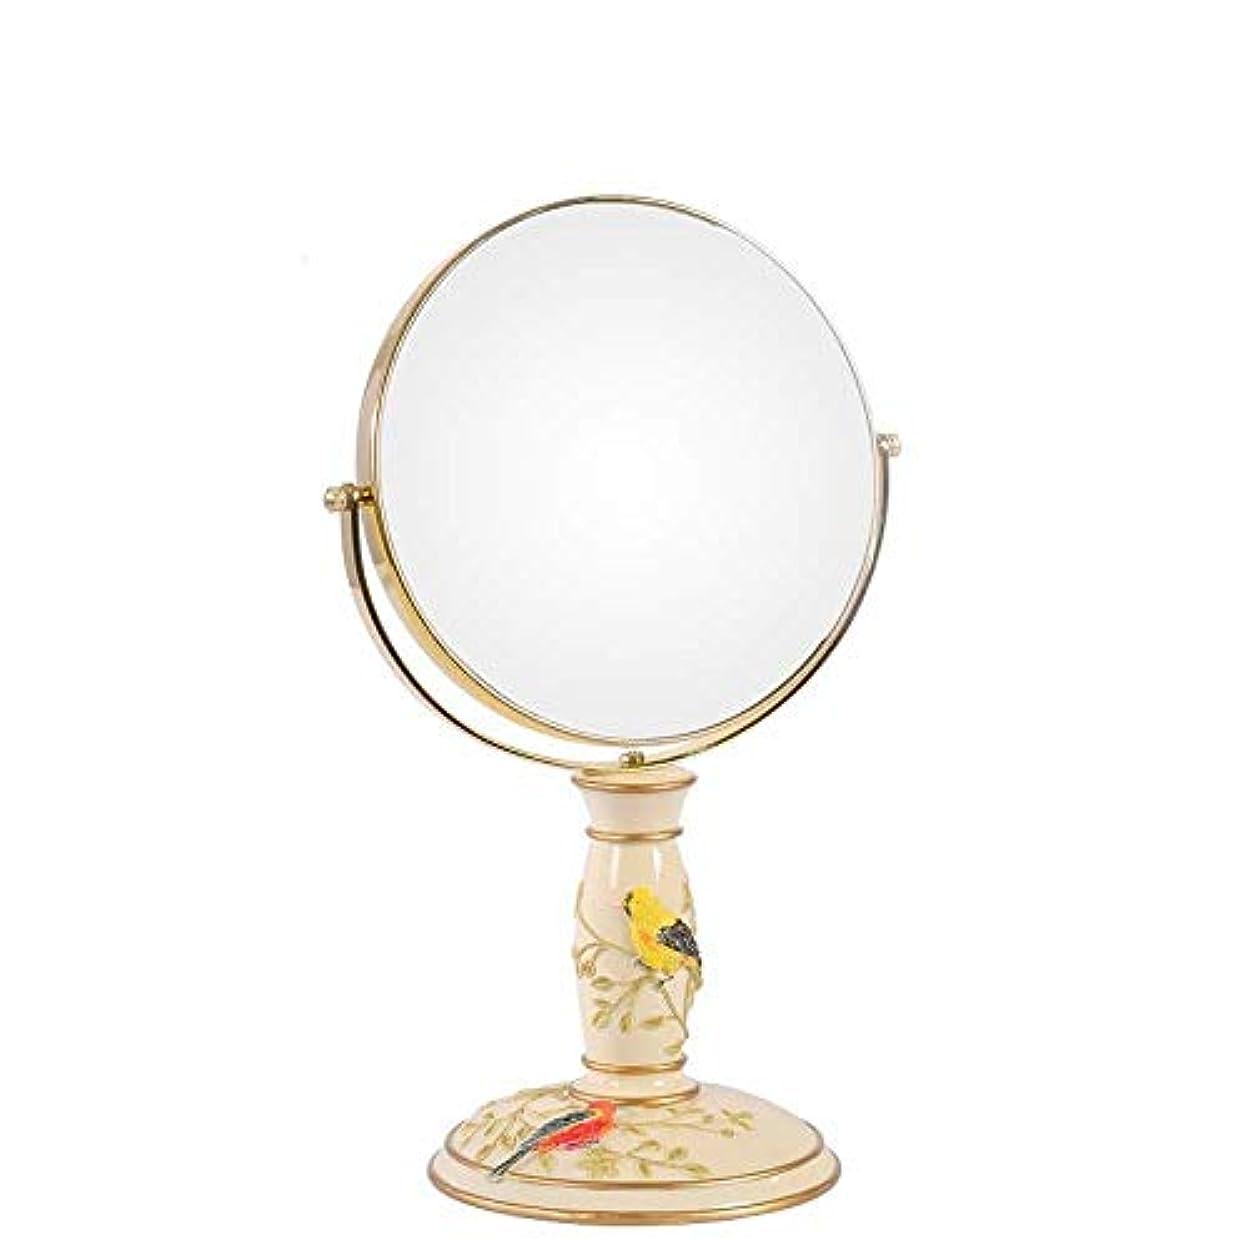 常識受粉者ラビリンス流行の ビンテージ化粧鏡、鏡360°回転スタンド、倍率1倍、3倍、ラウンドダブル両面回転化粧鏡